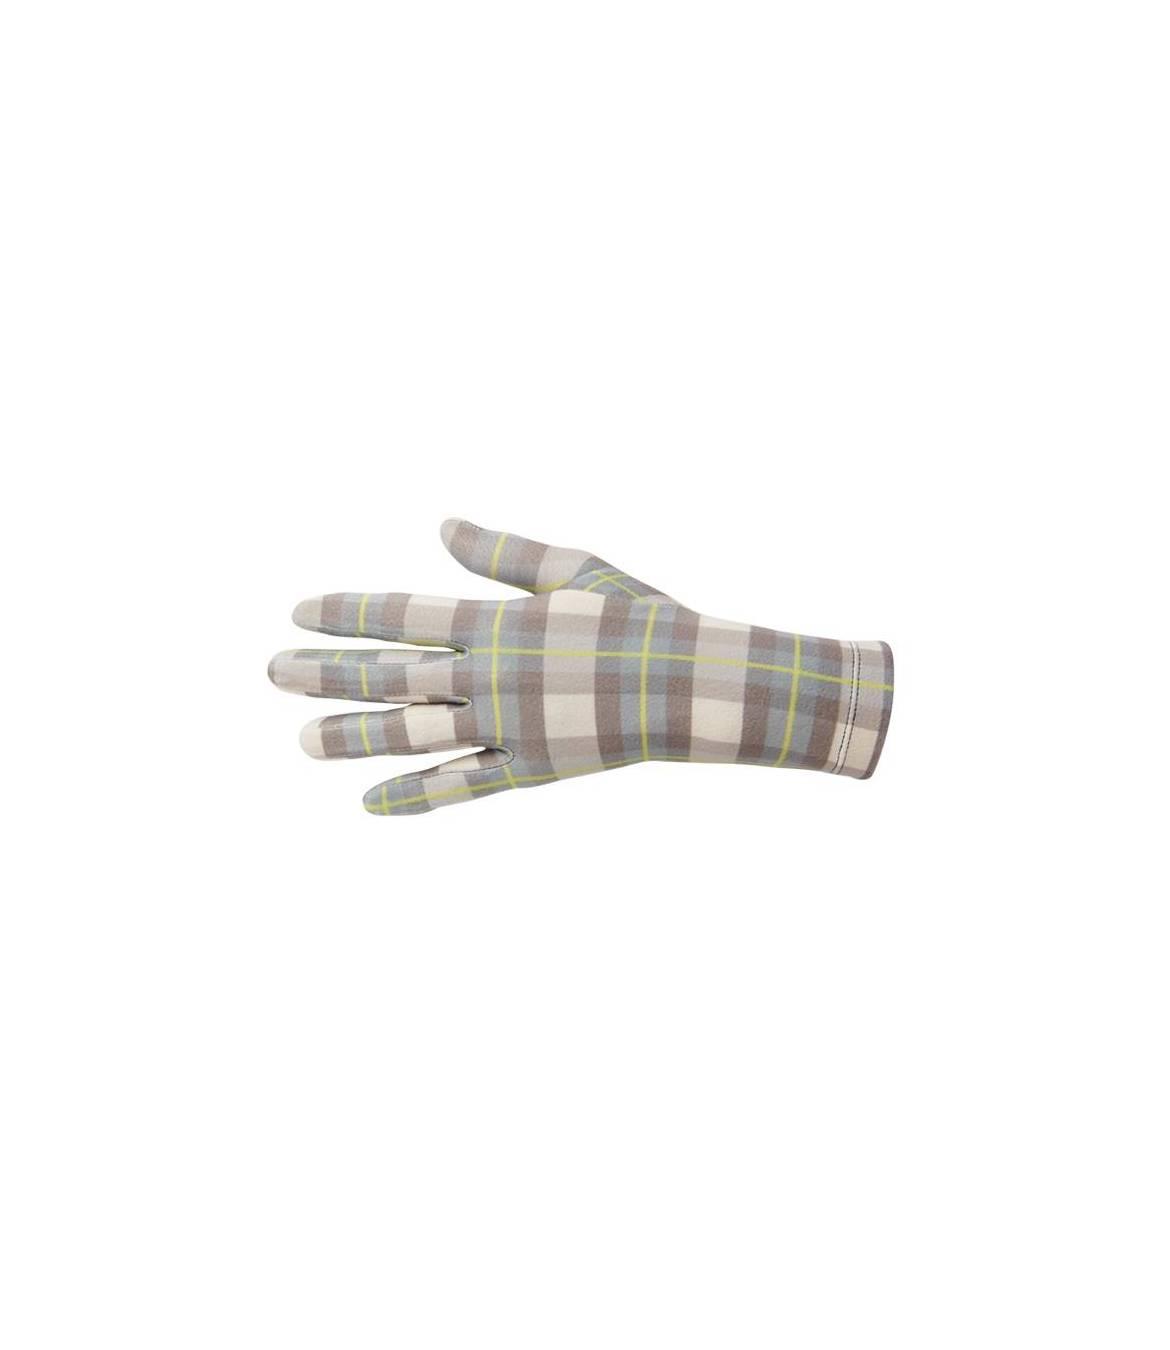 GANTS MOTIF 1 Polyamide Gloves, Elastane for Women Storiatipic - 4